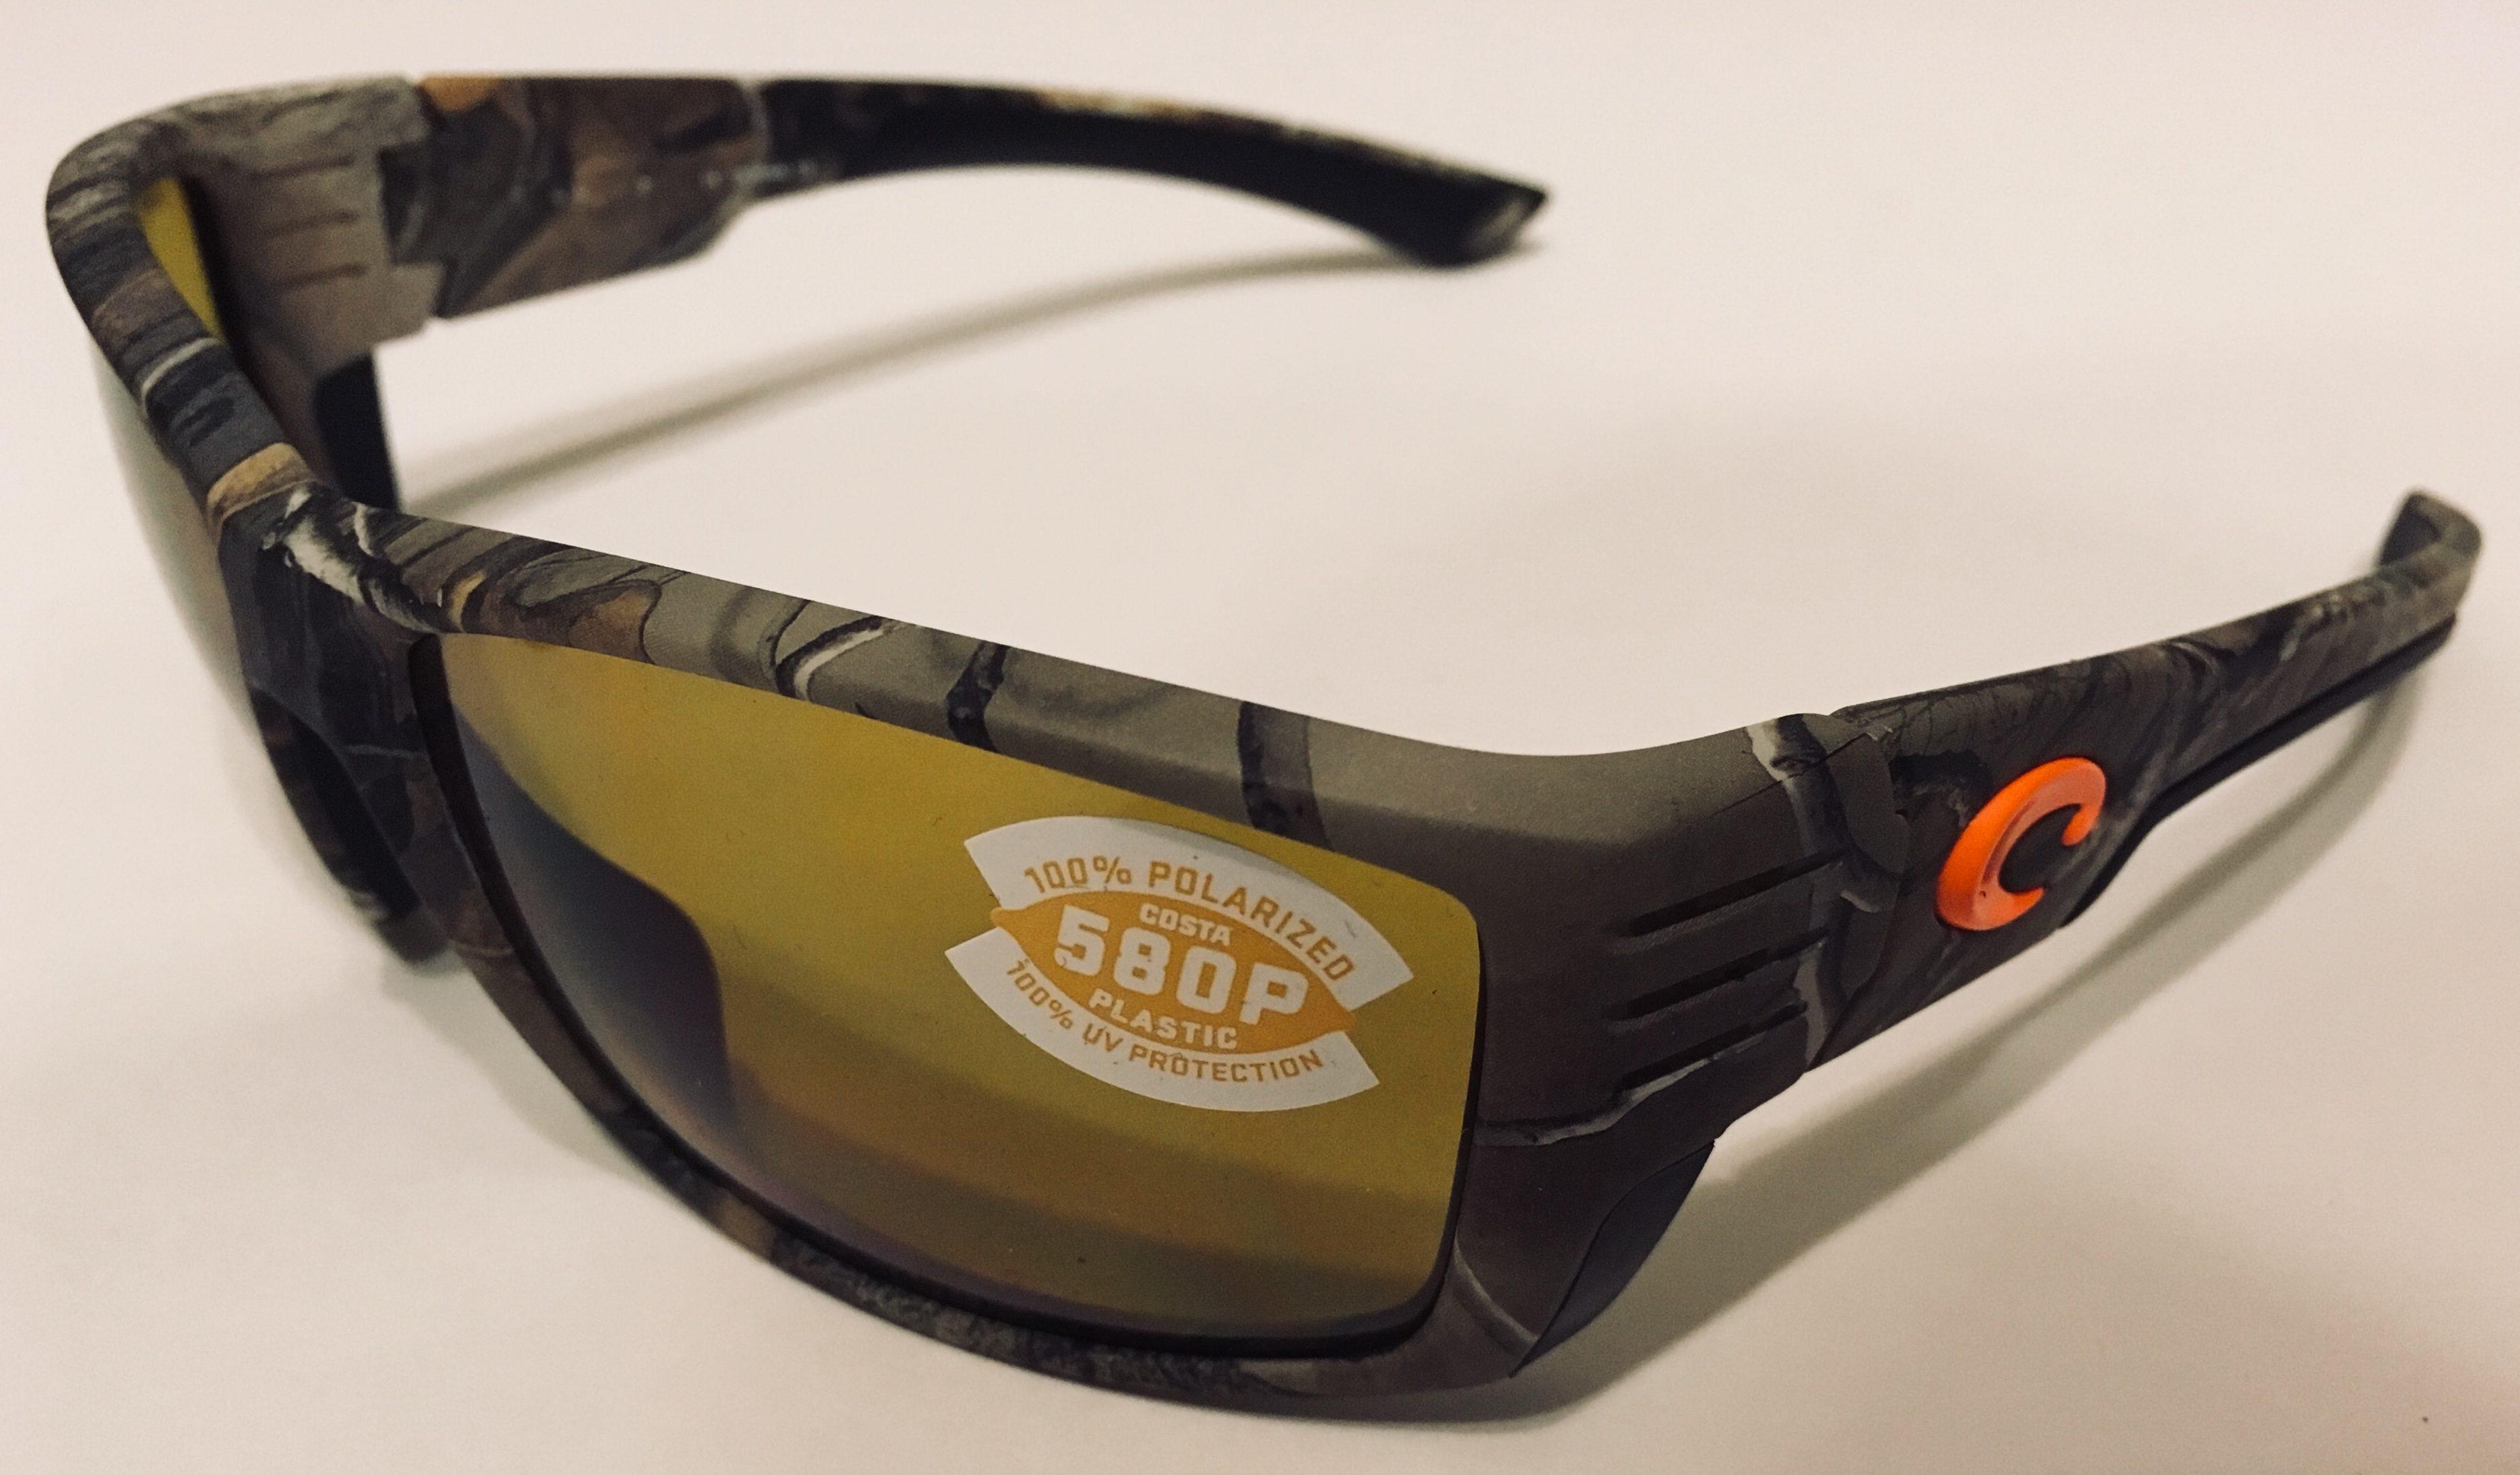 00ecc6f541365 Costa Del Mar Cortez Sunglasses Realtree Xtra Camo POLARIZED Sunrise 580P